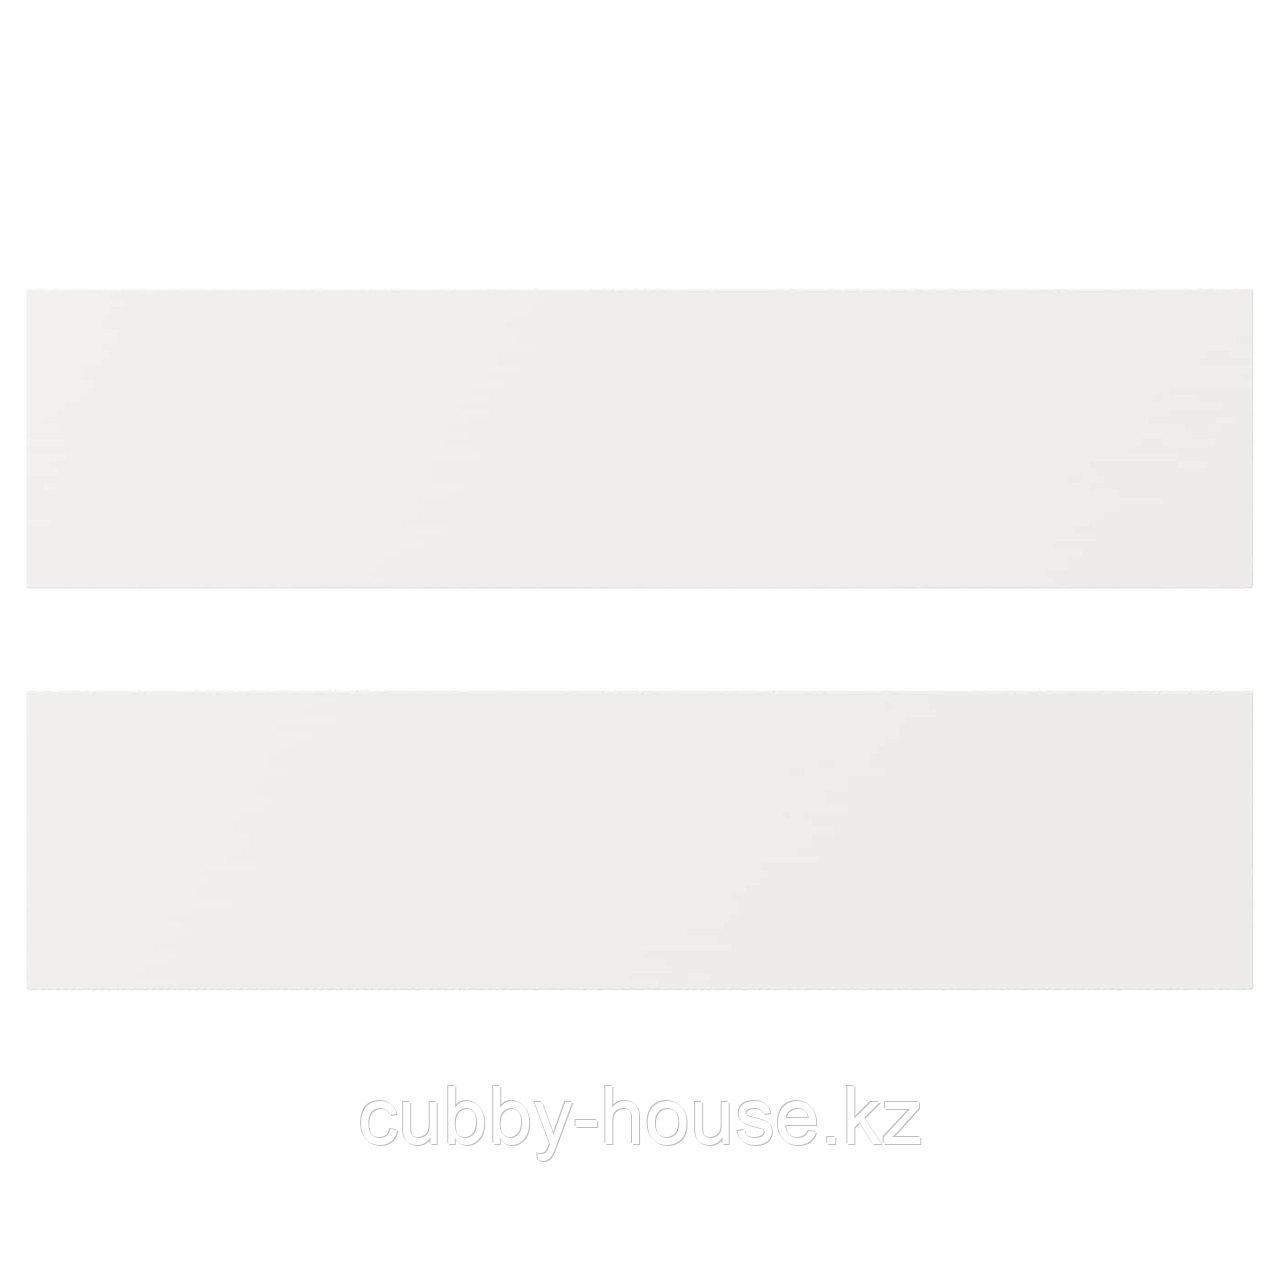 ХЭГГЕБИ Фронтальная панель ящика, белый, 60x20 см